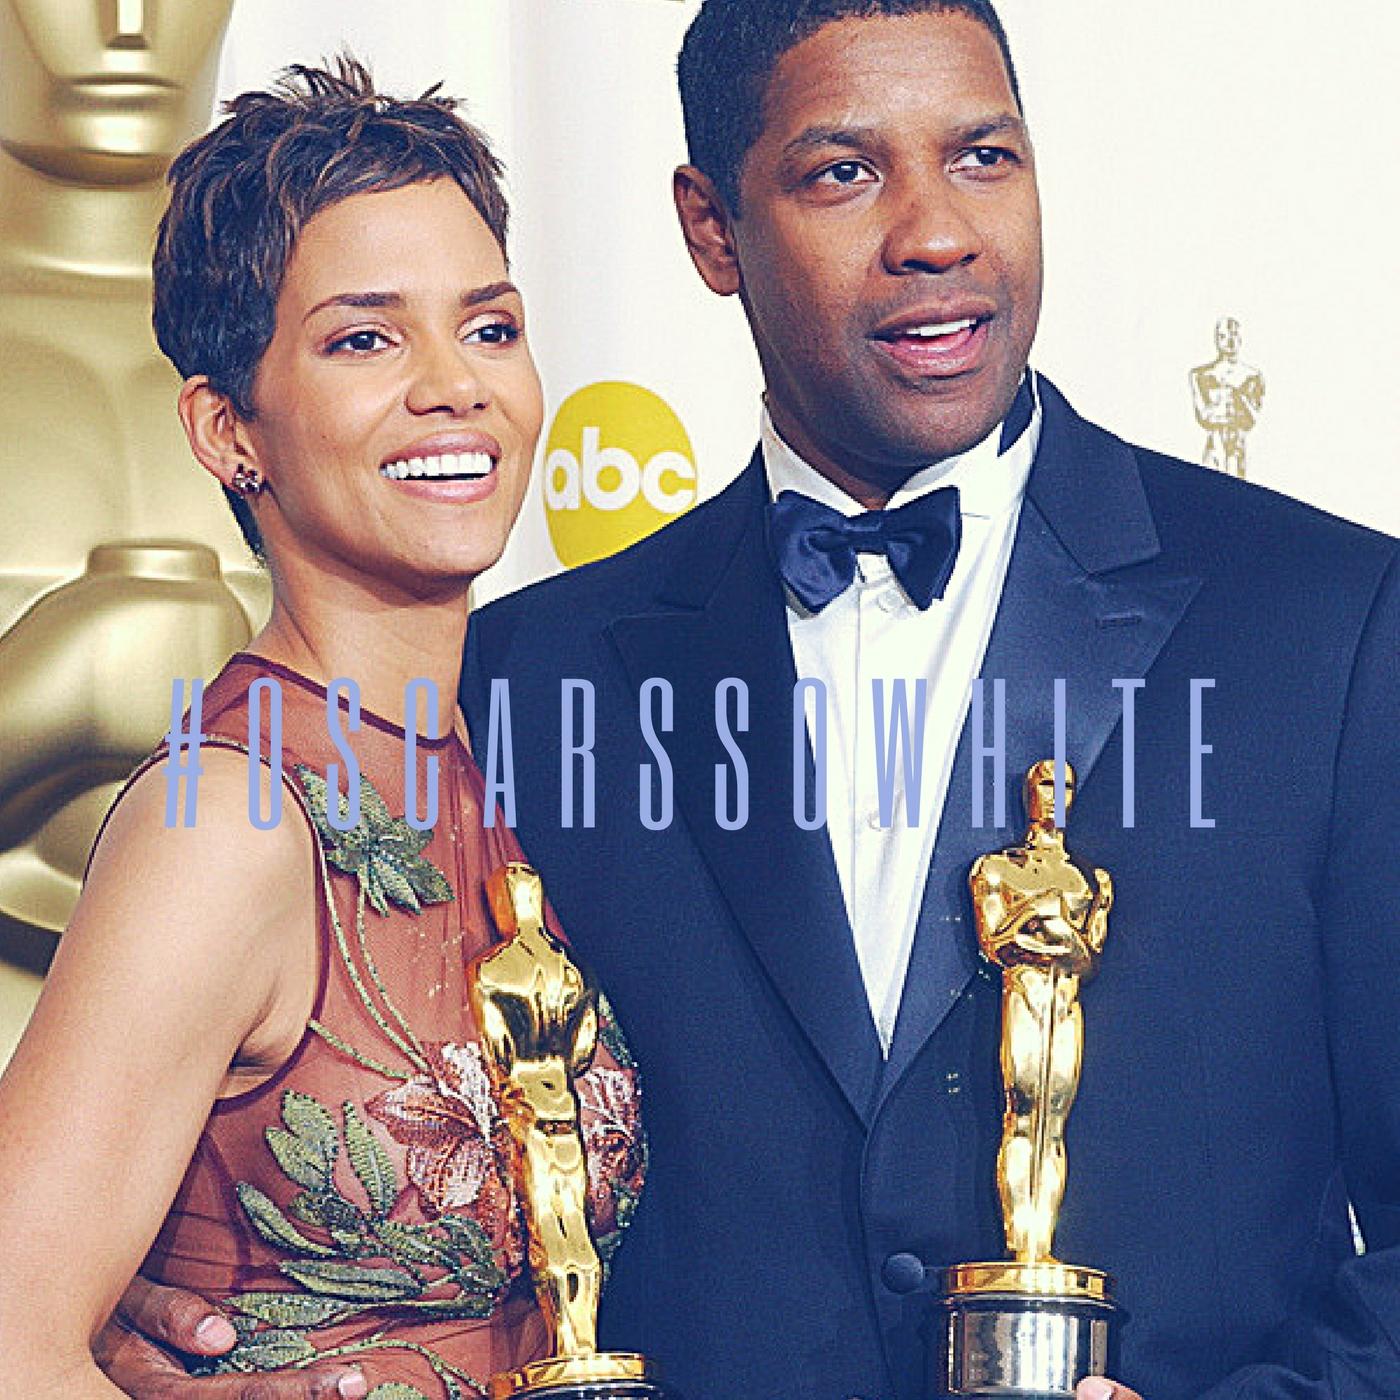 Oscars So White.jpg